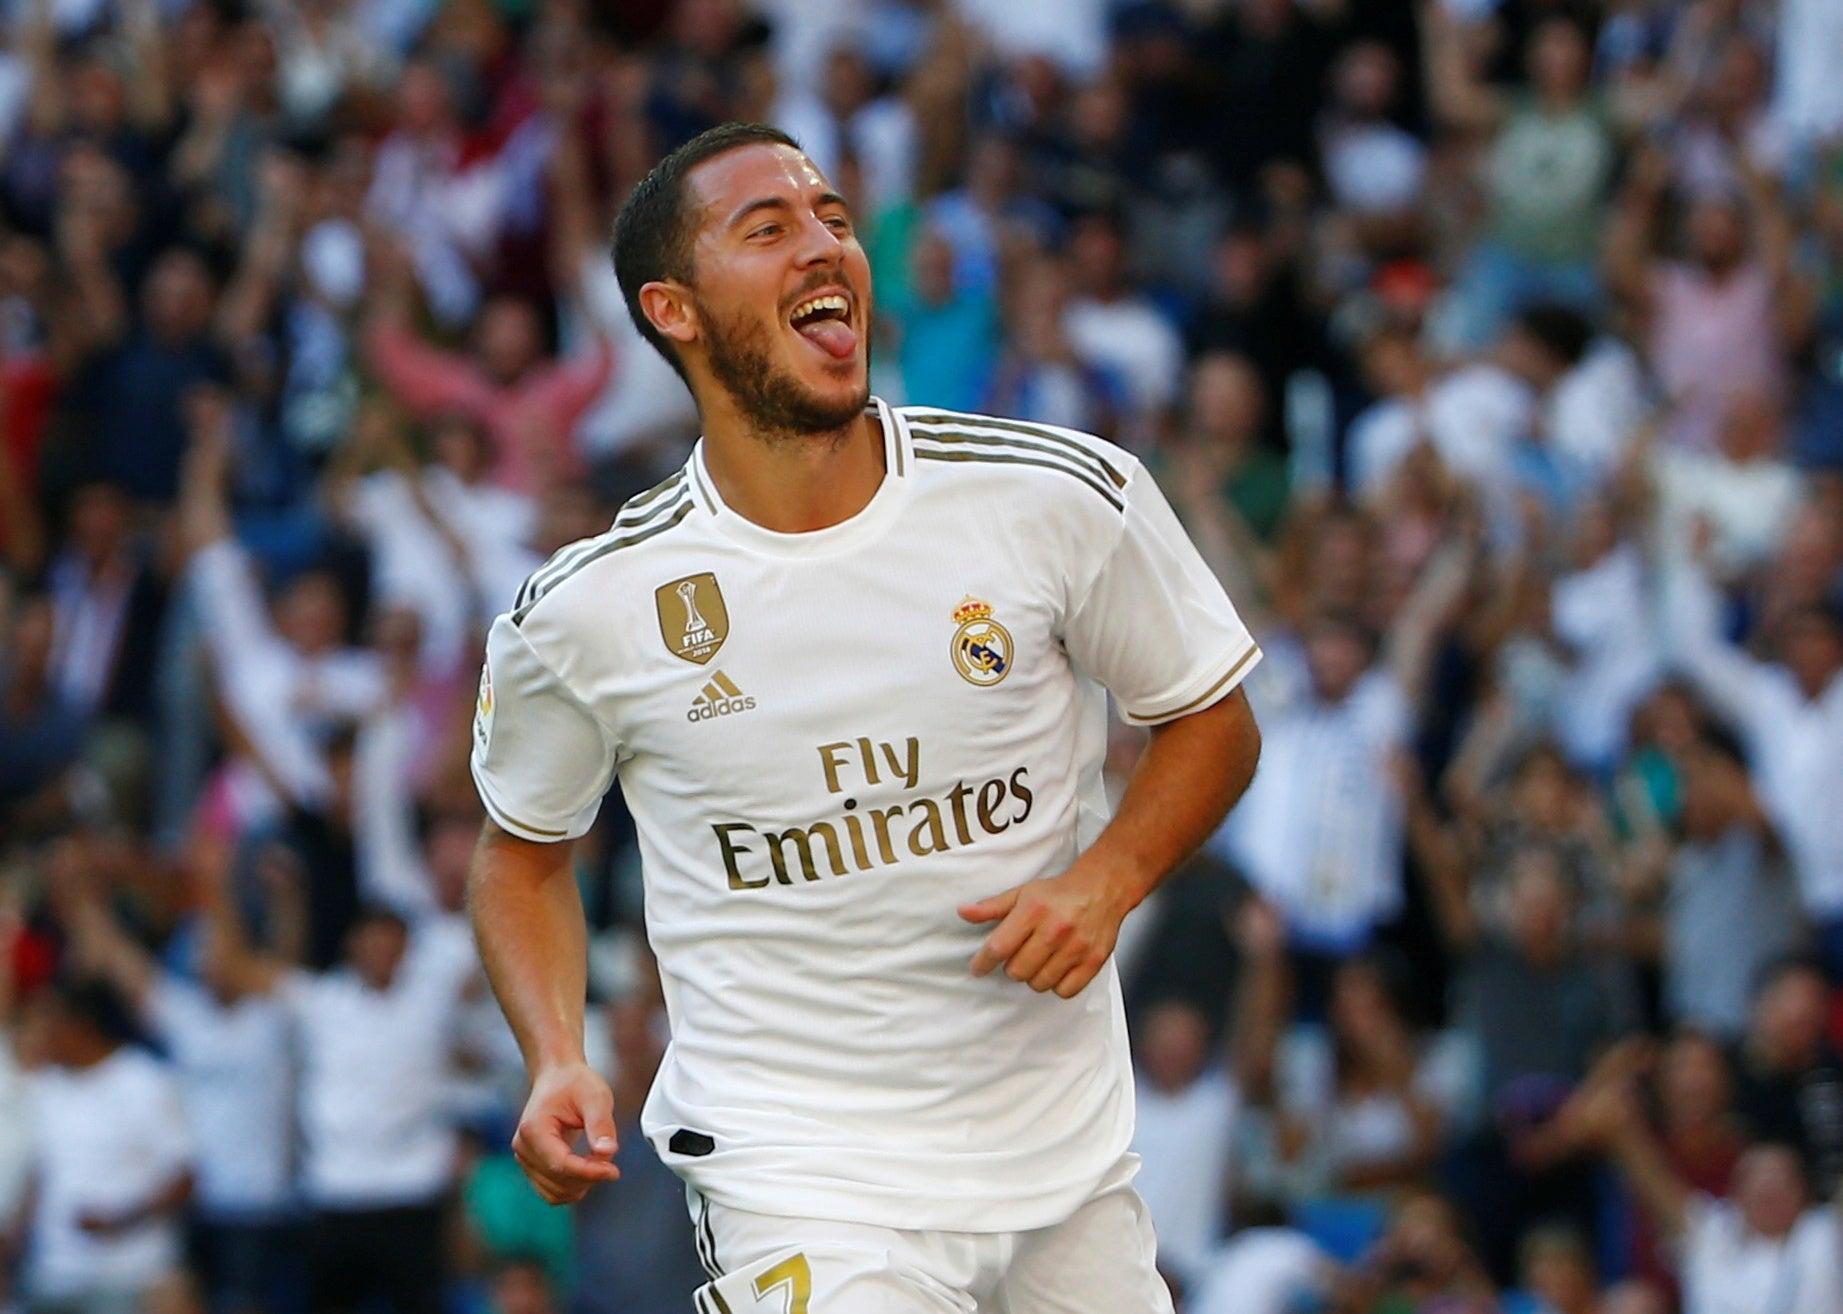 Eden Hazard (Real Madrid)